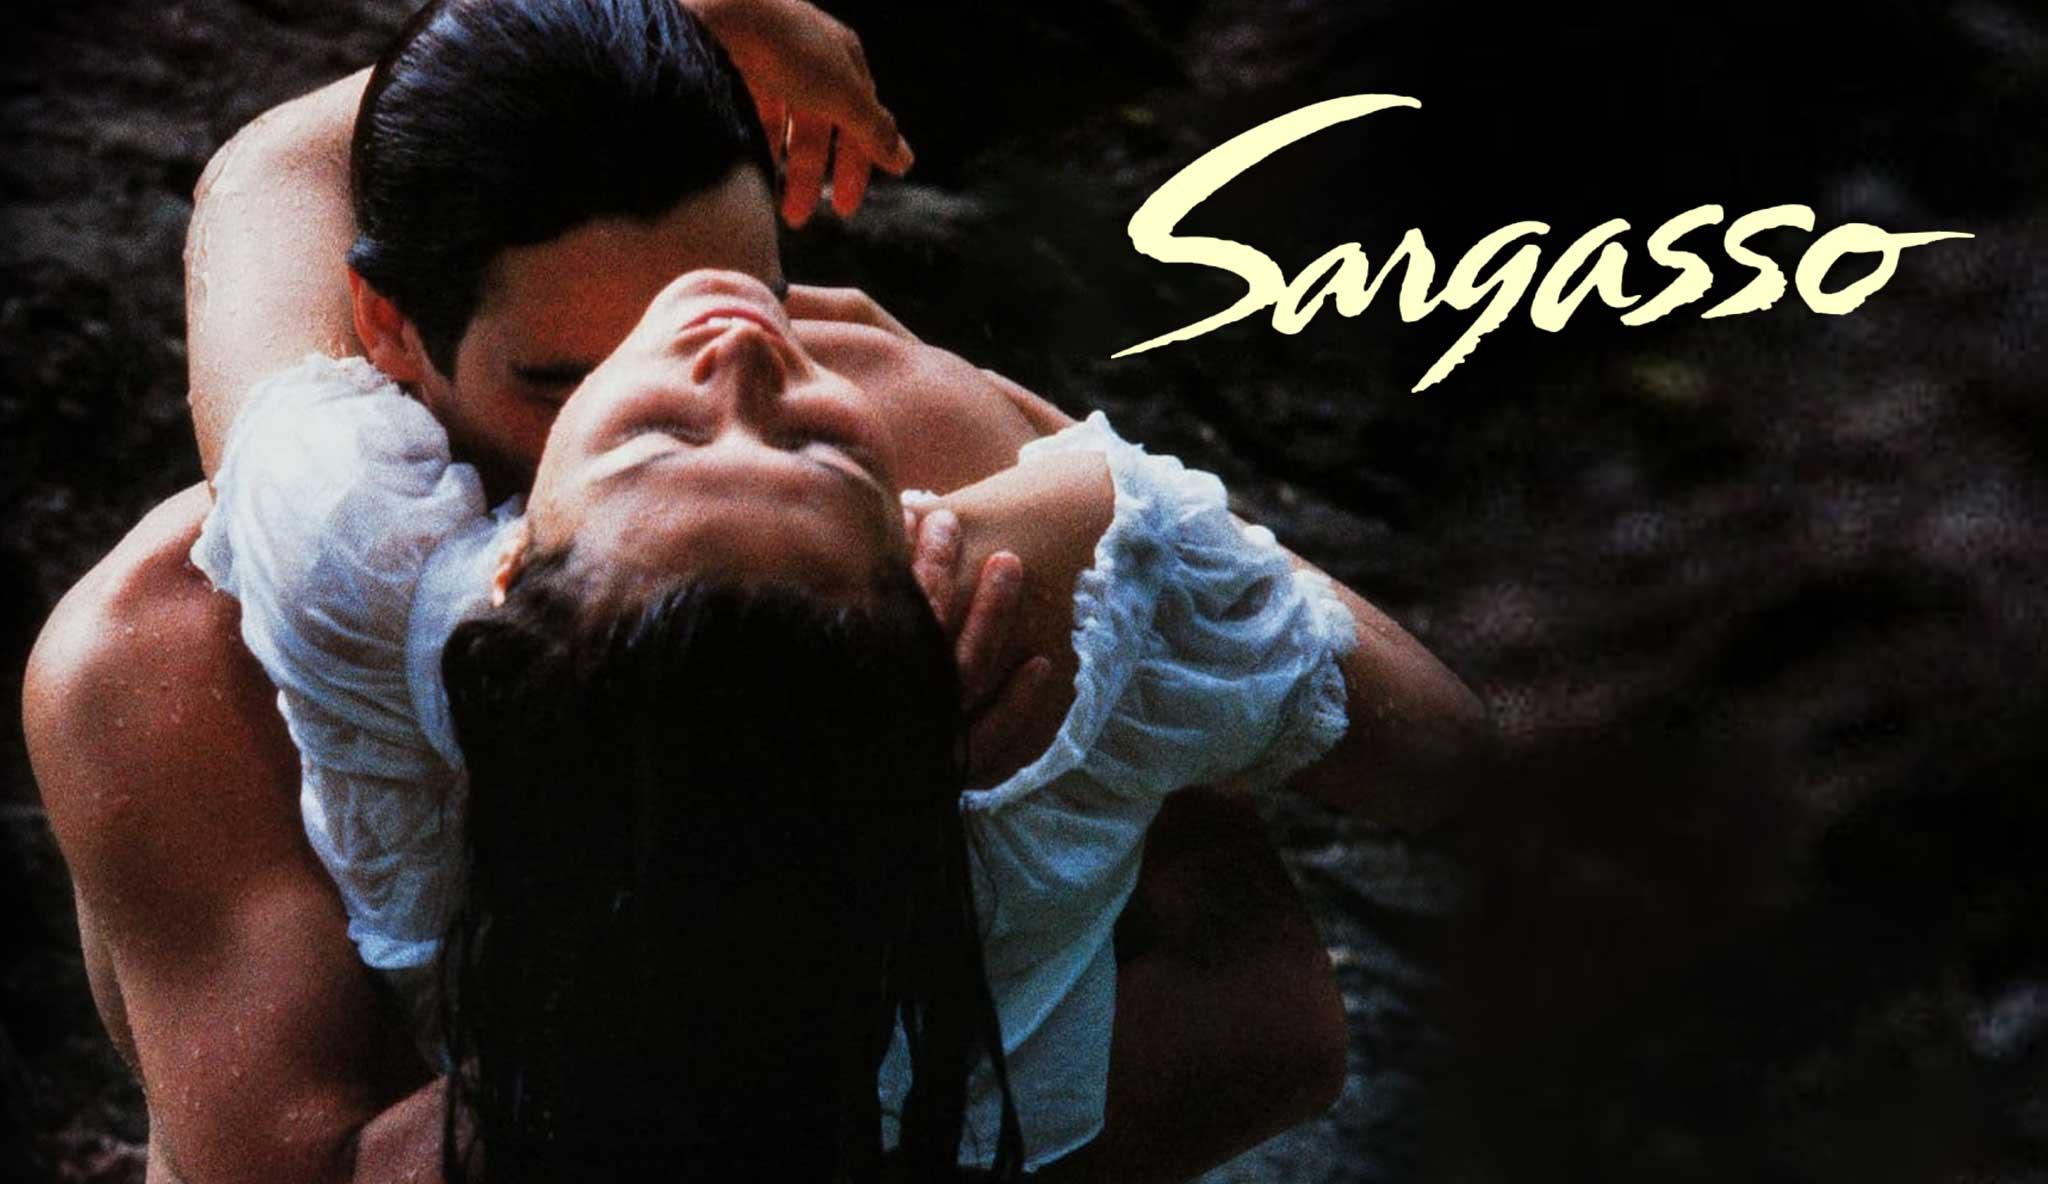 sargasso-im-meer-der-leidenschaft\header.jpg